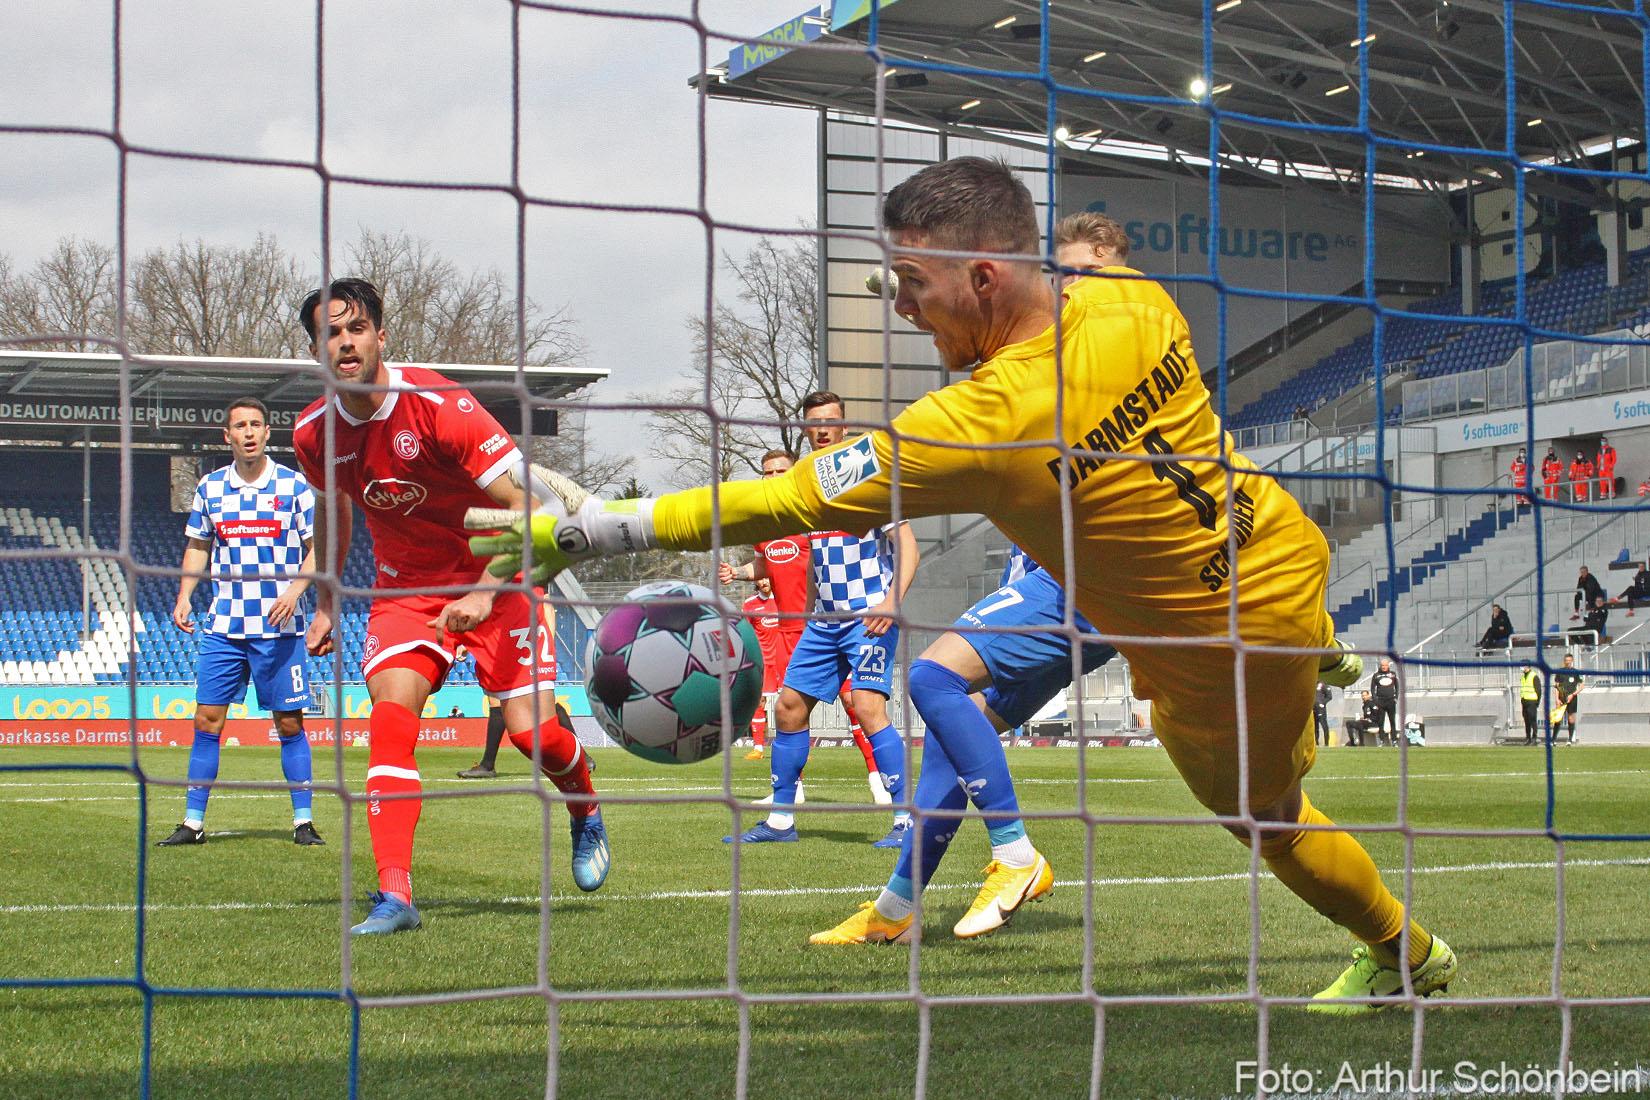 Unsere Fotos vom Spiel gegen Fortuna Düsseldorf